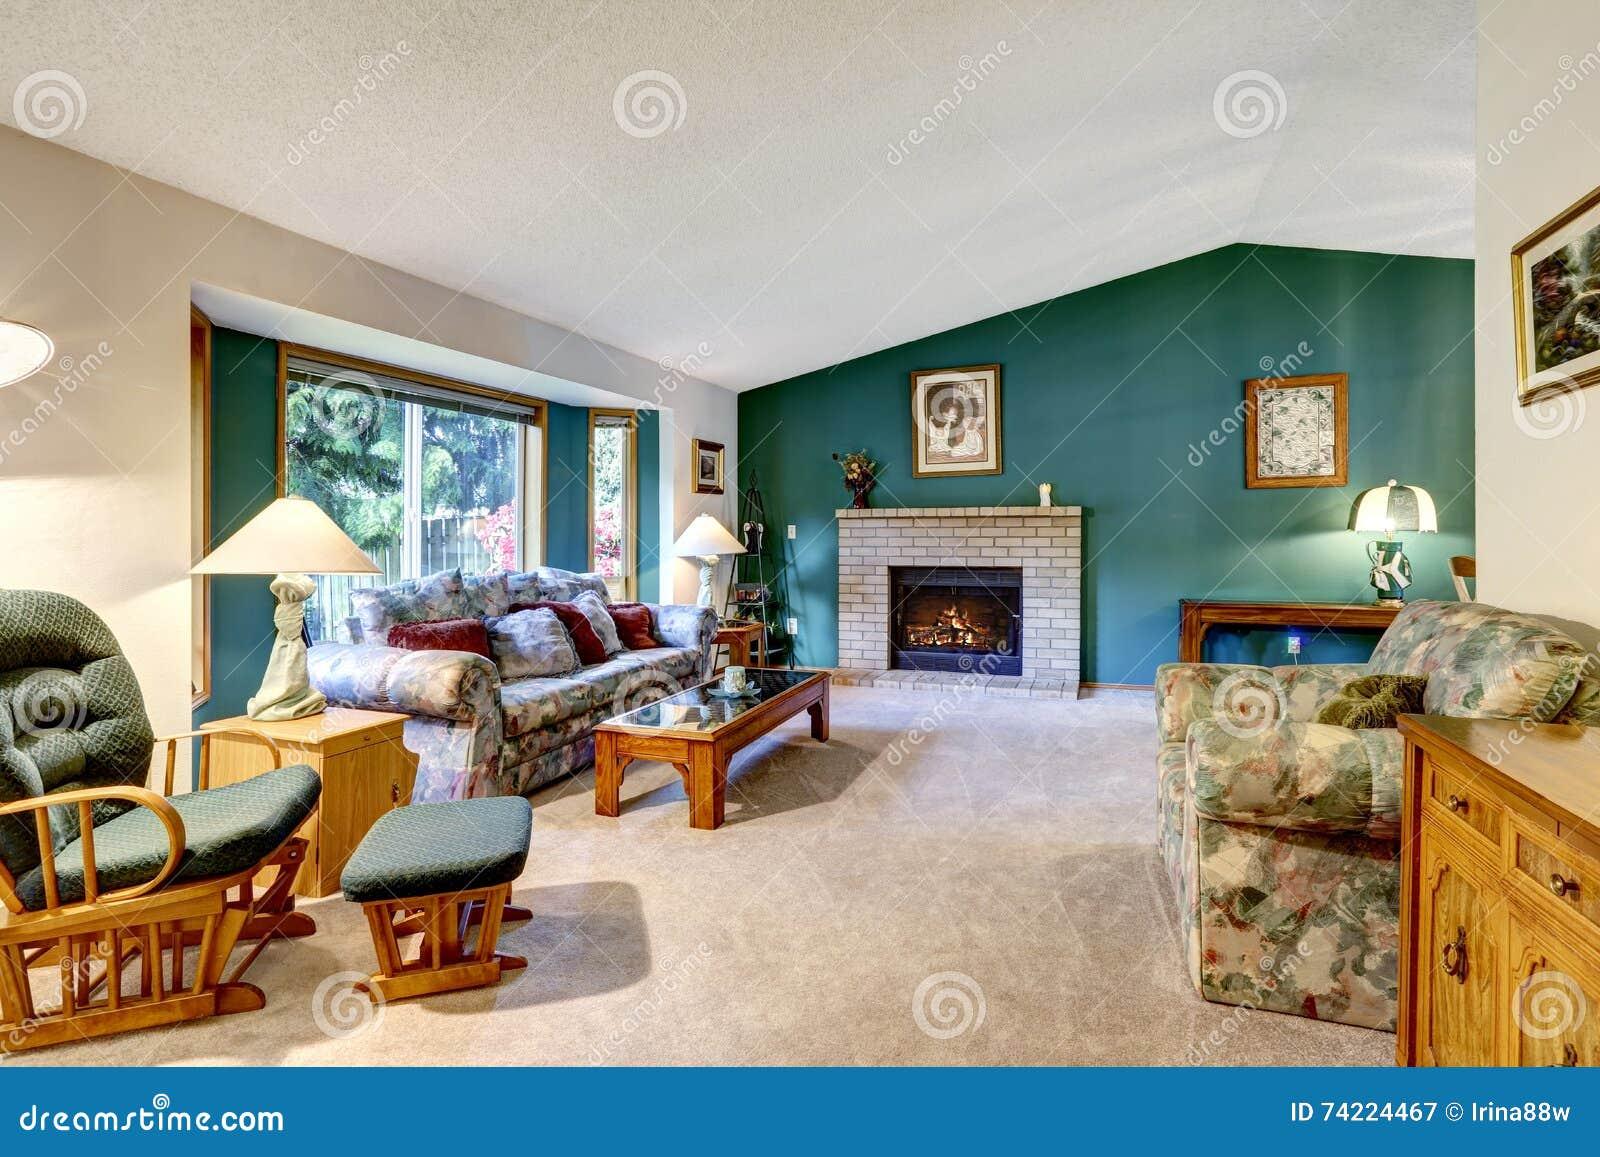 Amerikanisches Wohnzimmer | Jtleigh.com - Hausgestaltung Ideen Kamin In Der Wand Amerikanisch